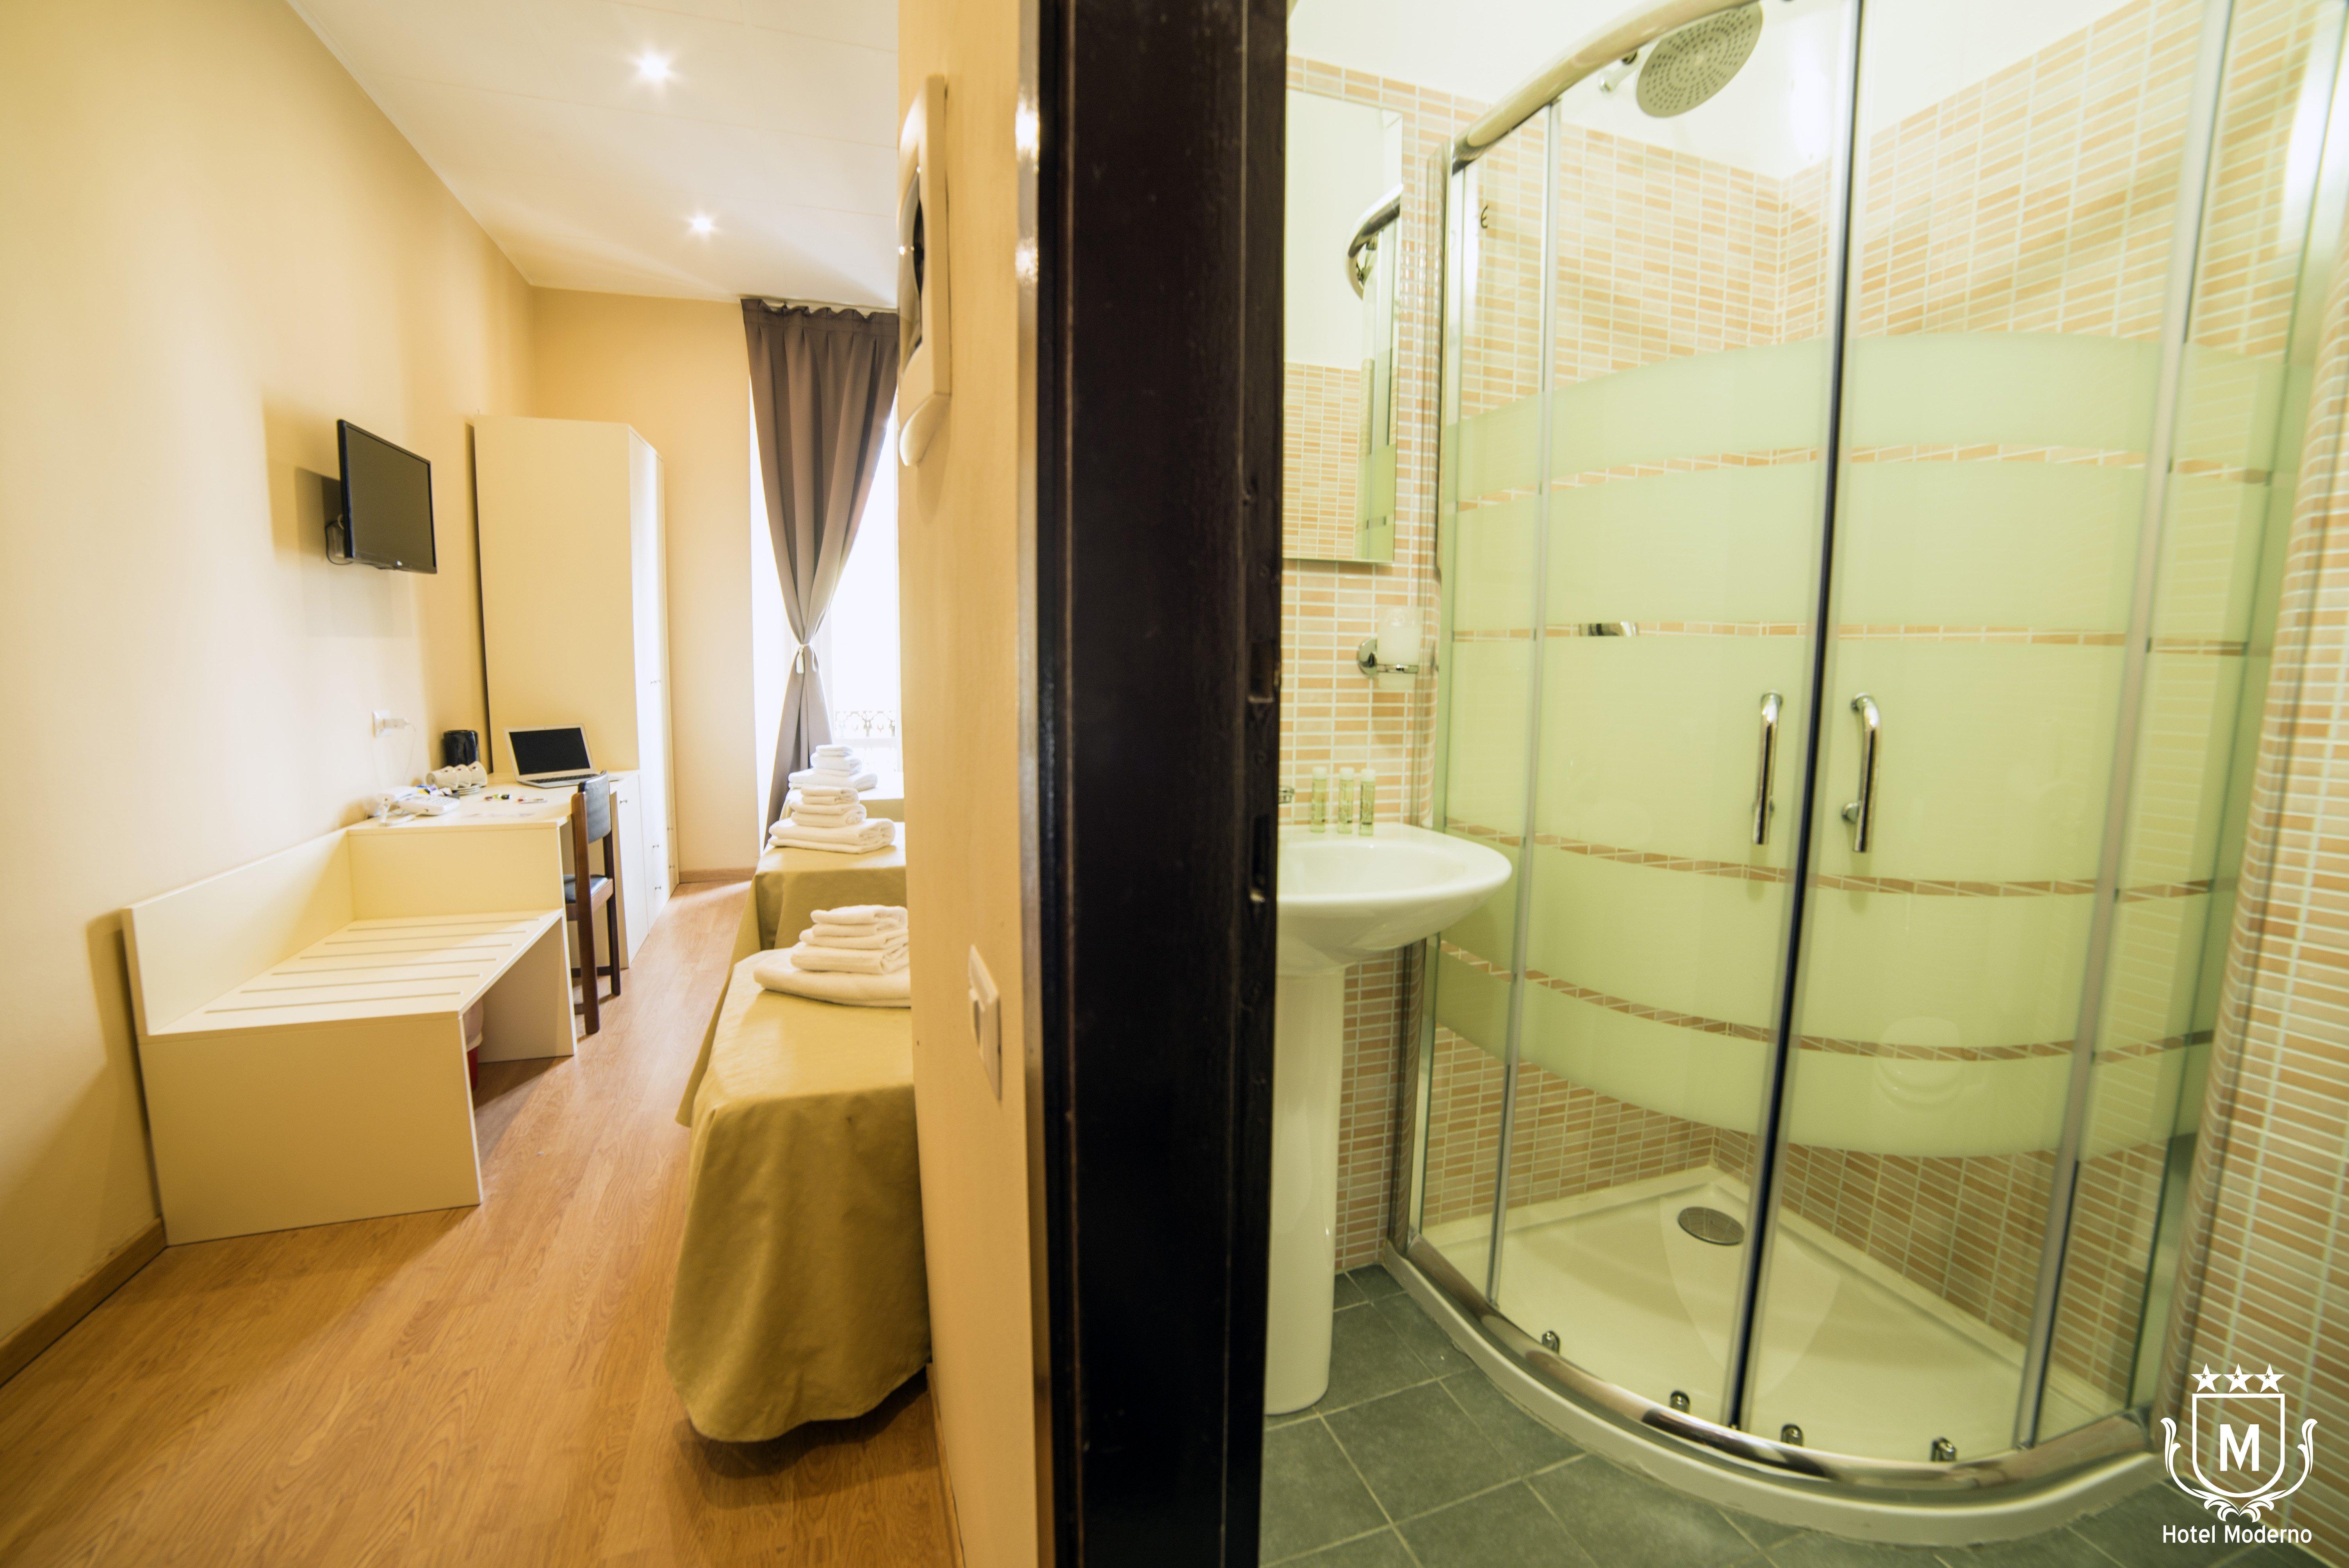 camera di hotel con vasca